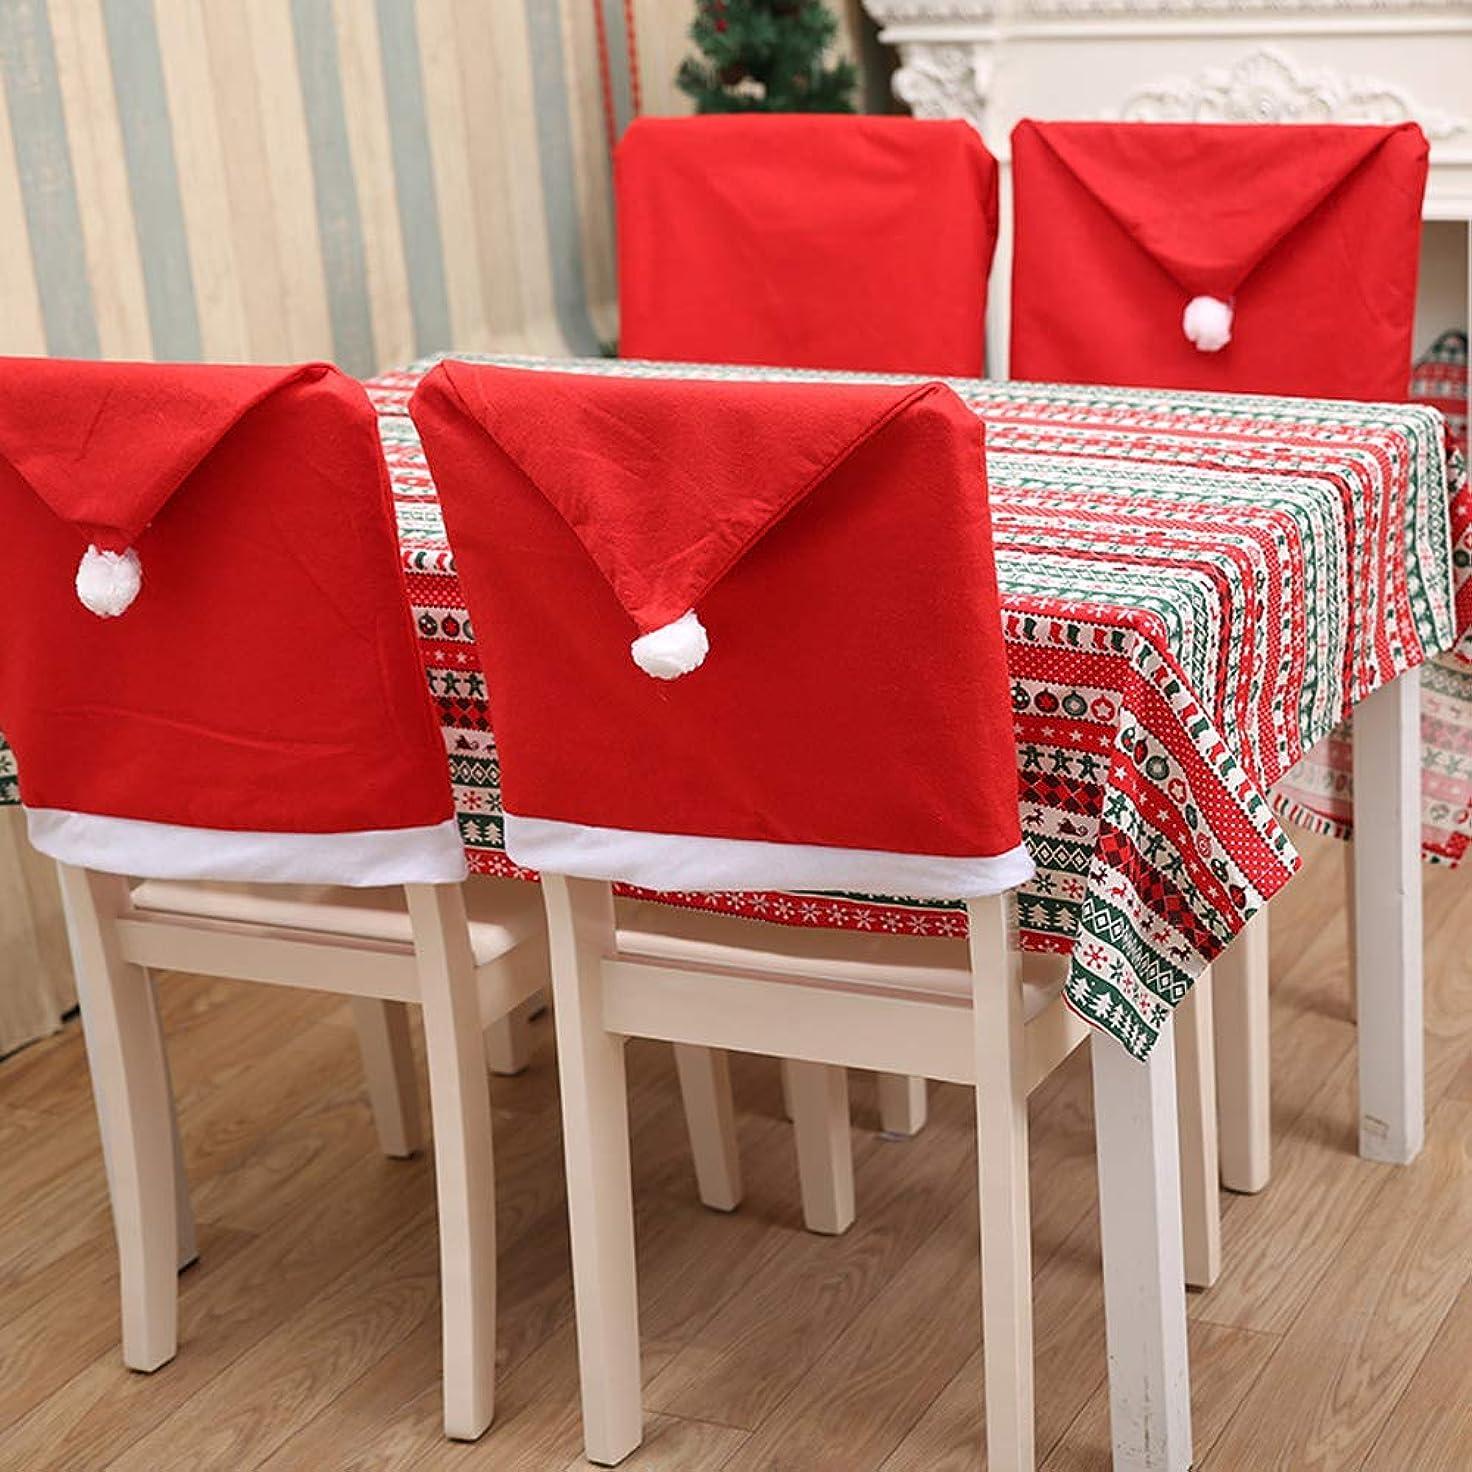 臨検西部社会学スタイル サンタ 帽子 椅子カバー 椅子の背もたれ装飾 クリスマス お祝い 家庭 ディナー テーブル キッチン パーティー 装飾 4点